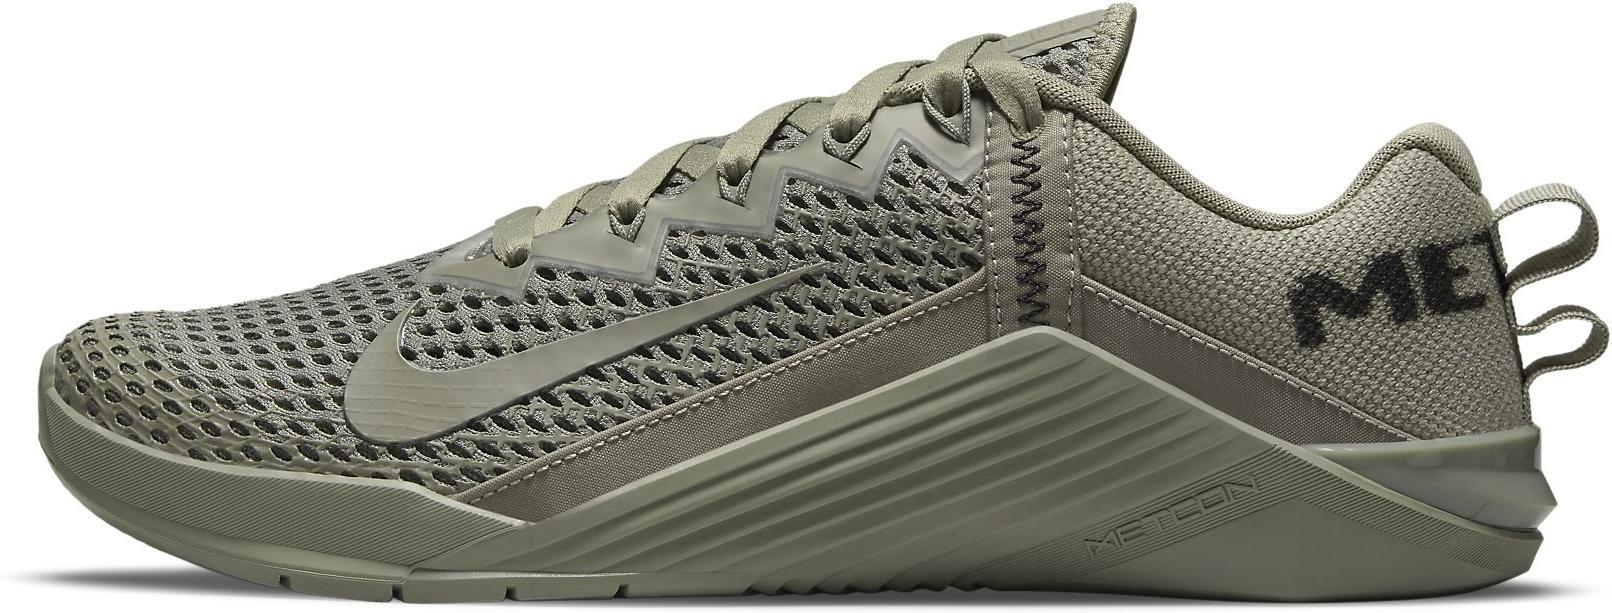 Zapatillas de fitness Nike METCON 6 AMP